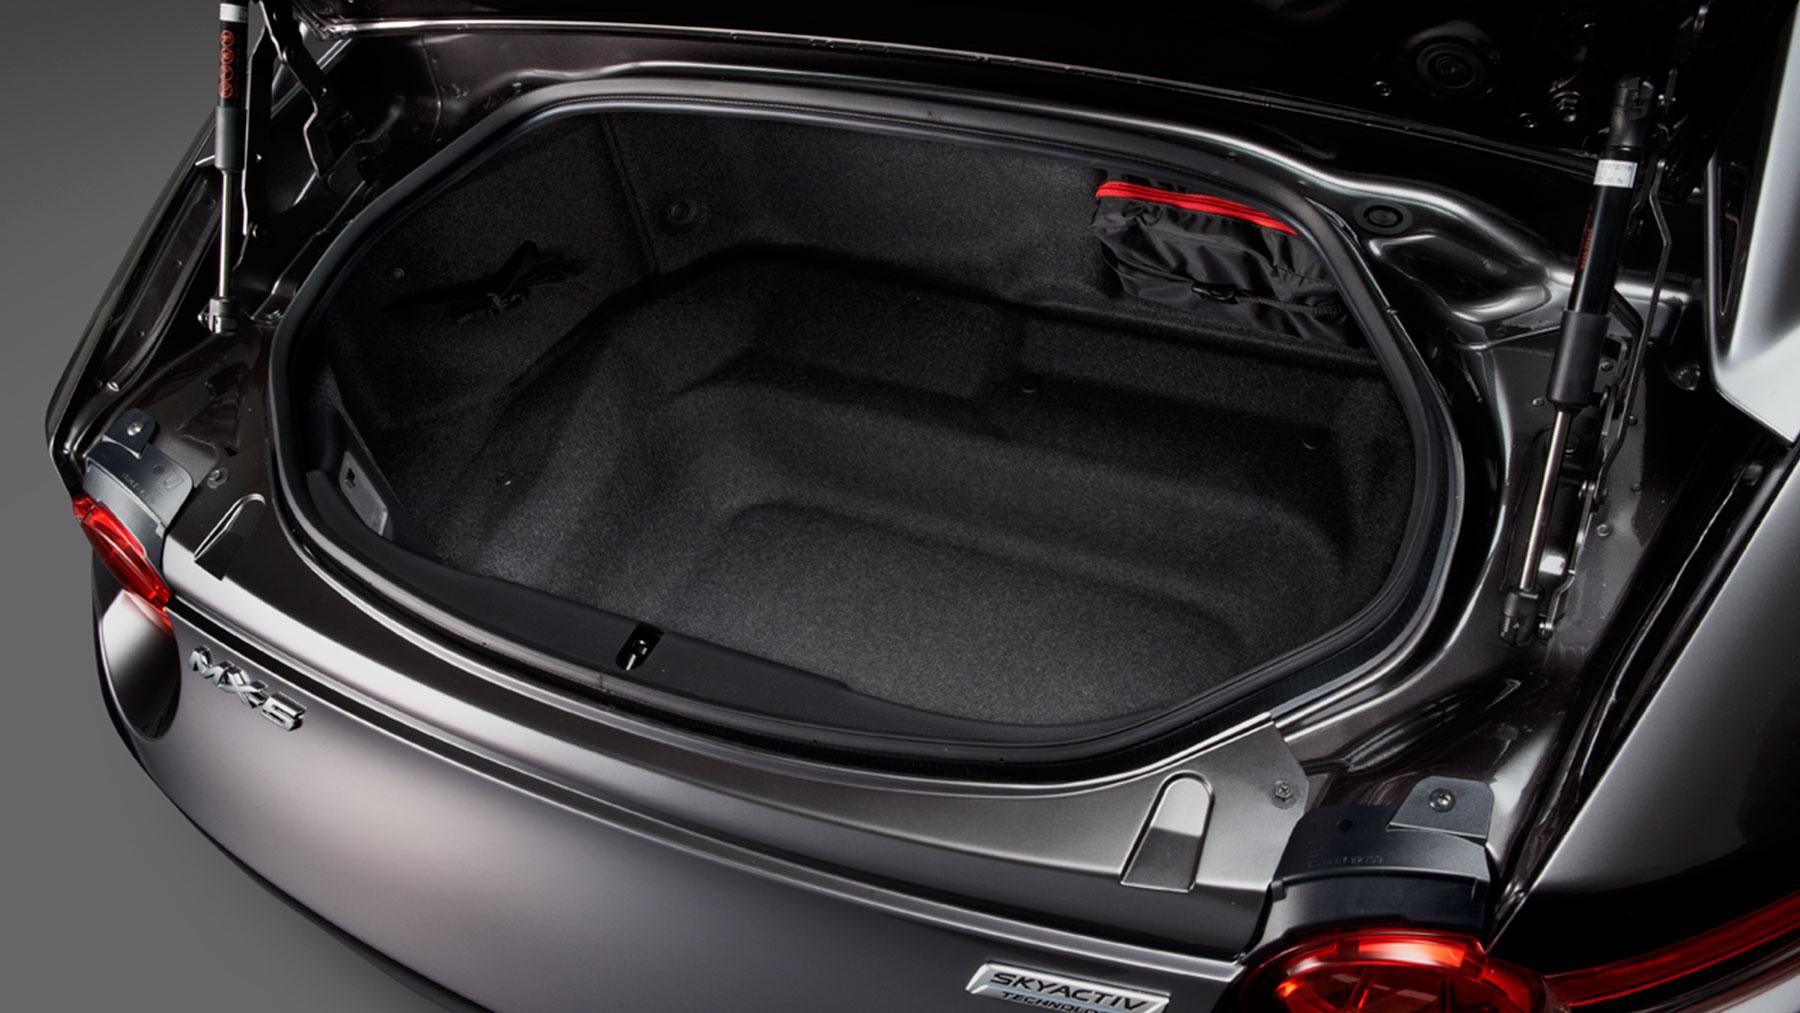 New Mazda MX-5 Miata Interior image 1